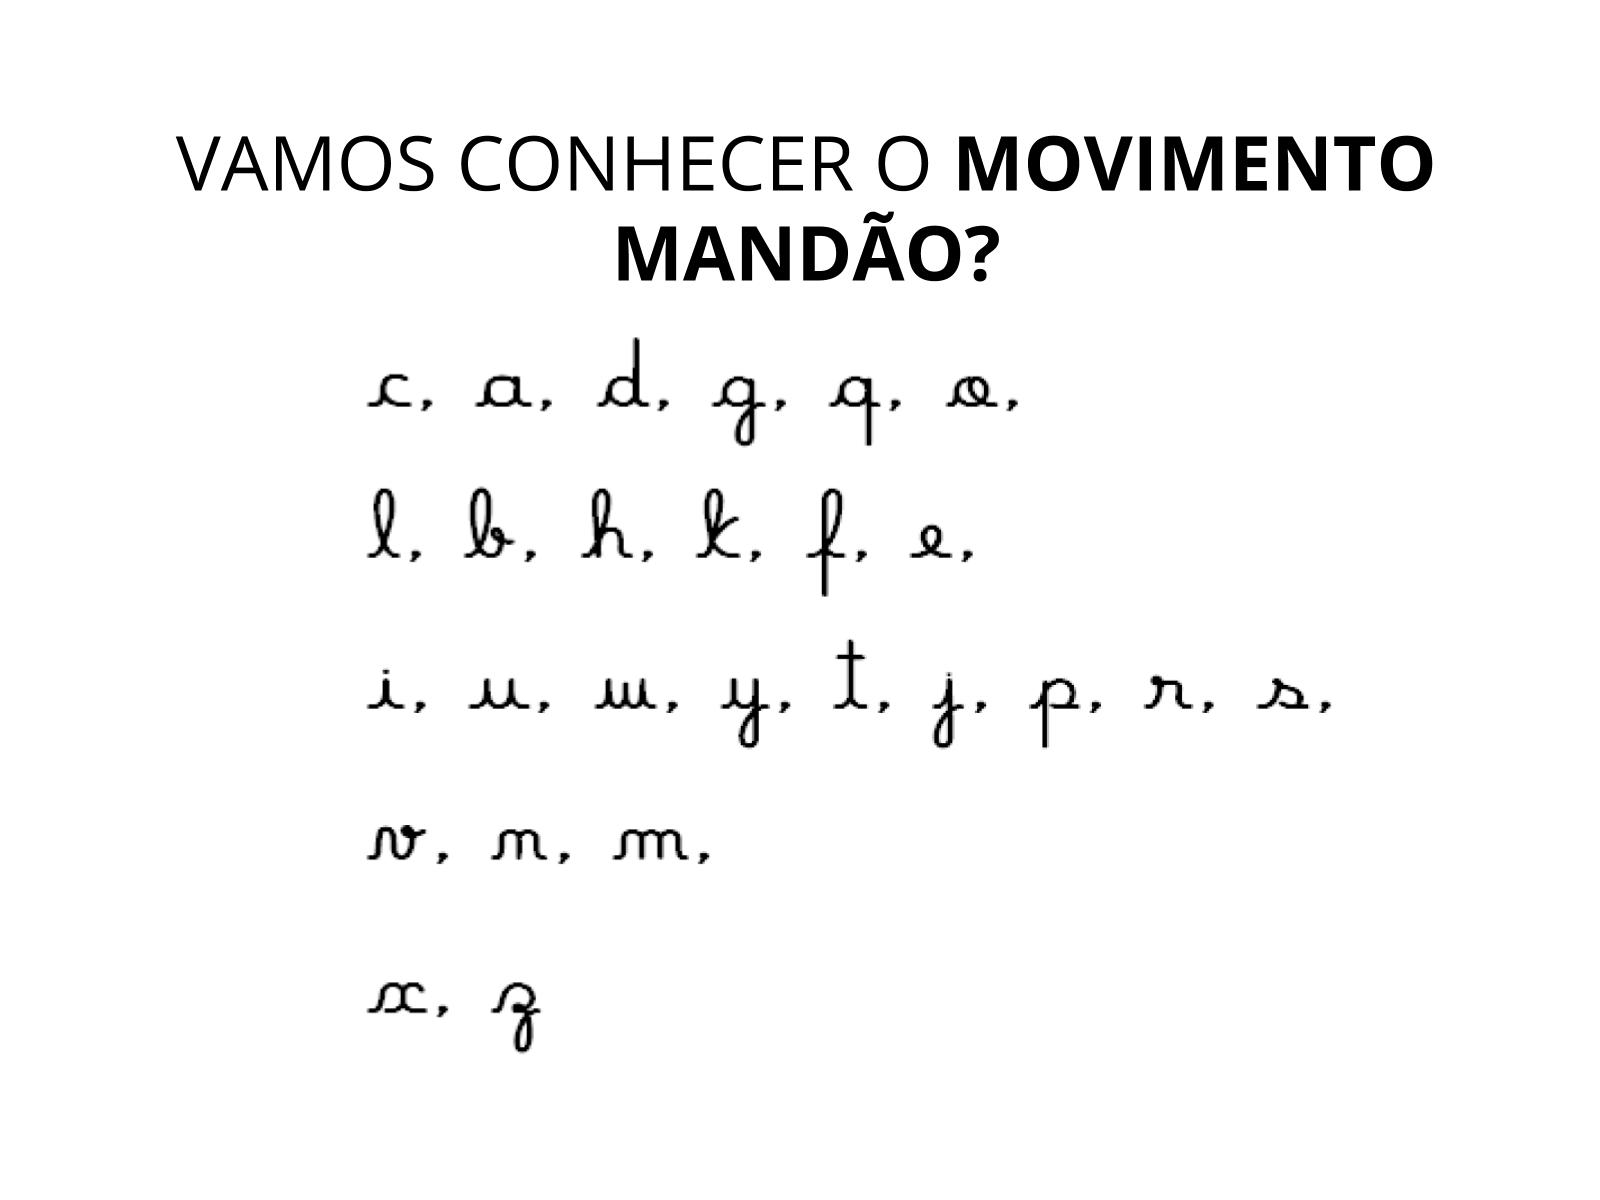 Palavras escritas com letra cursiva